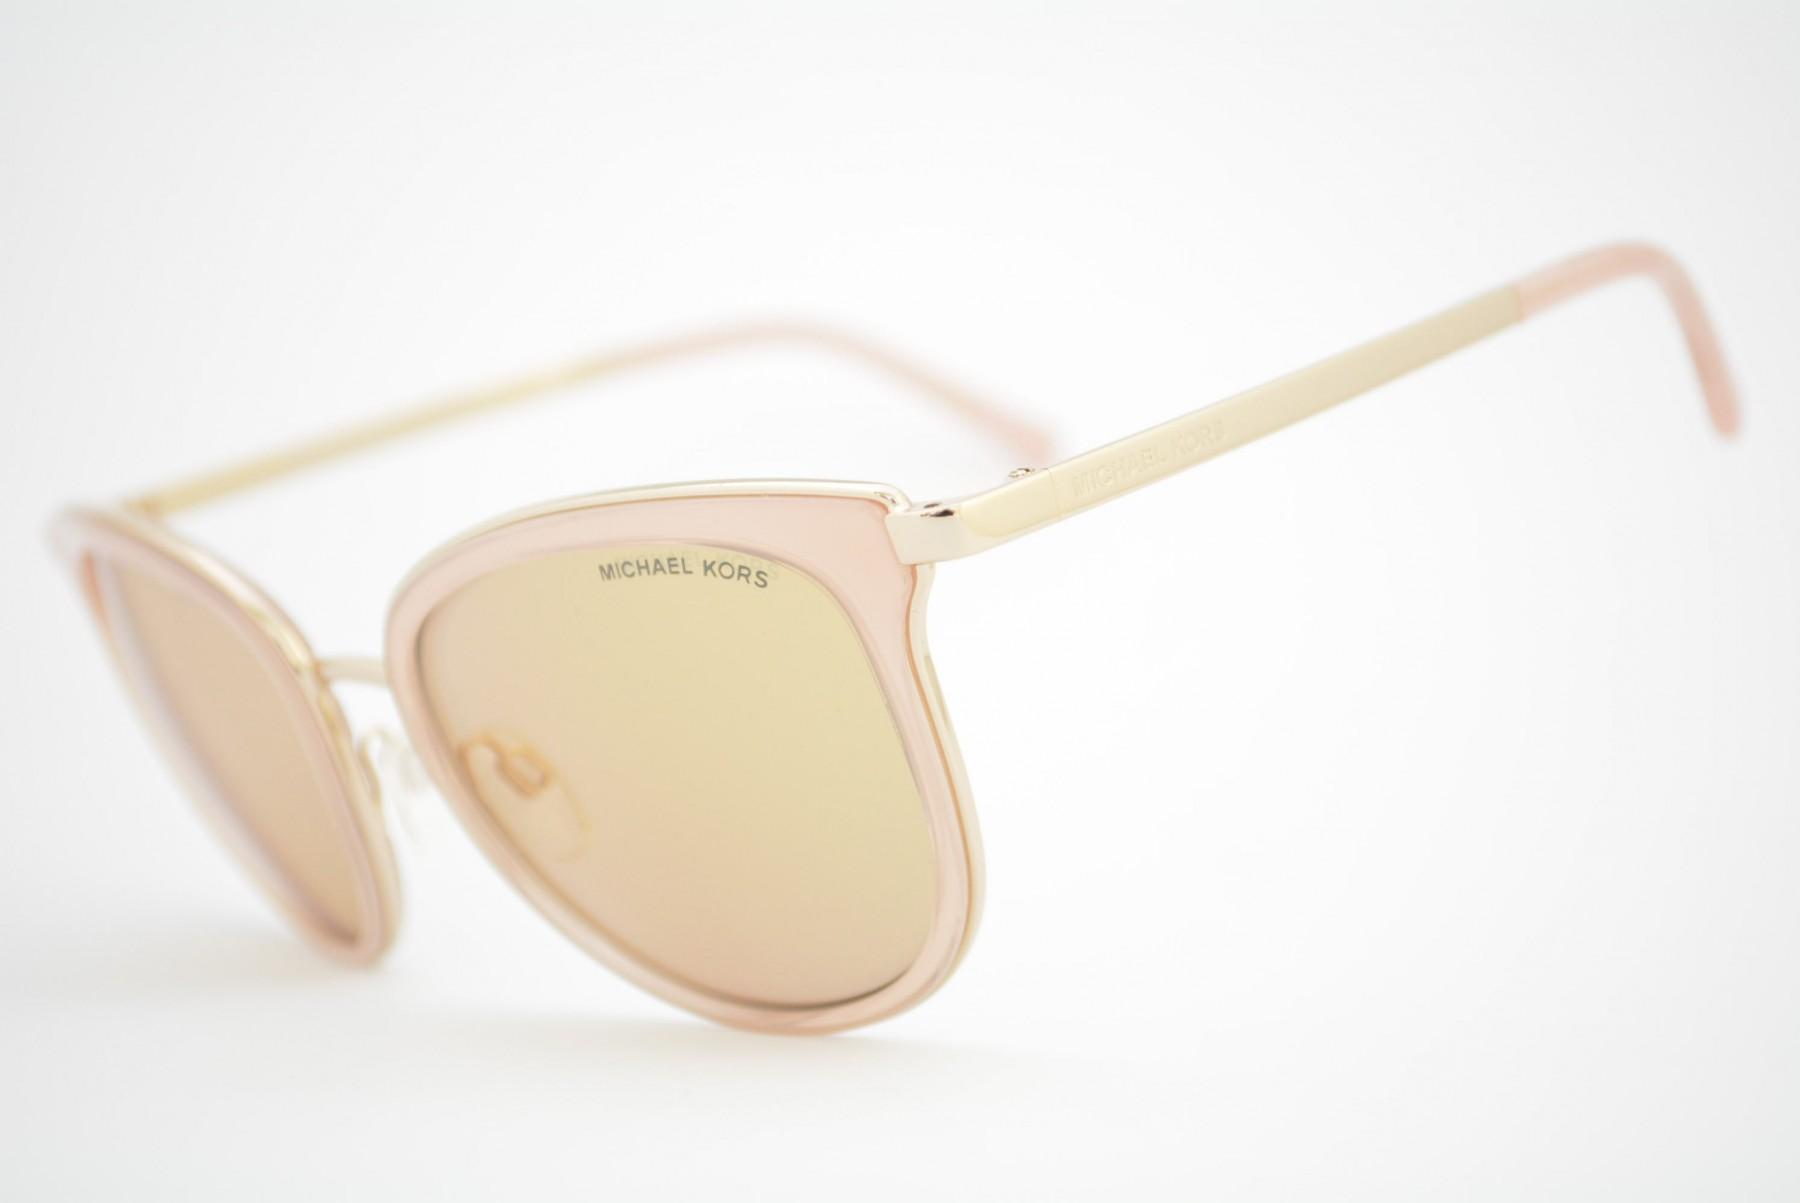 137b13fde8209 óculos de sol Michael Kors mod Adrianna I mk1010 1103r1. Código  mk1010  1103r1